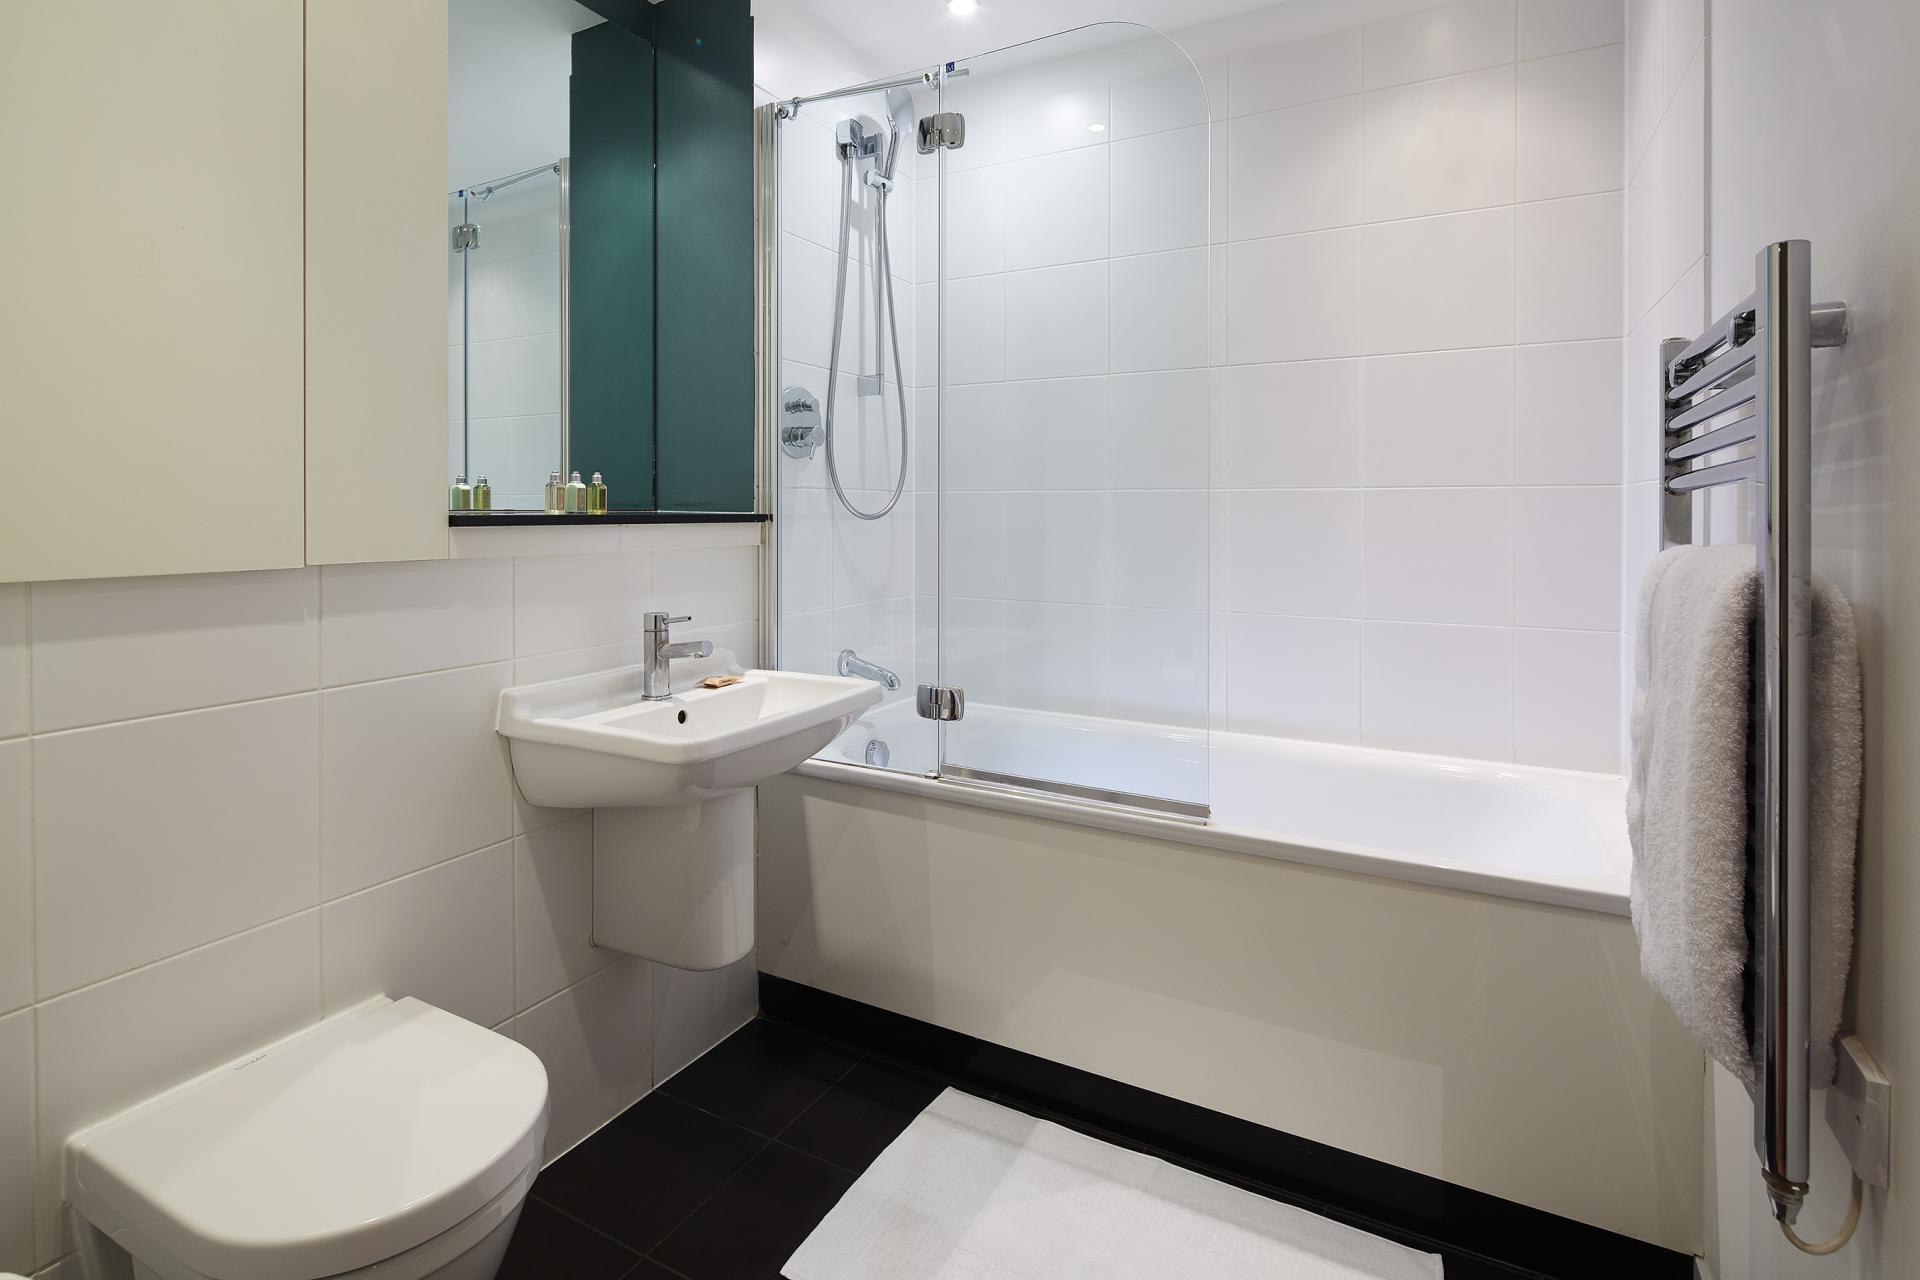 Bathroom at Marlin Canary Wharf Apartments, Canary Wharf, London